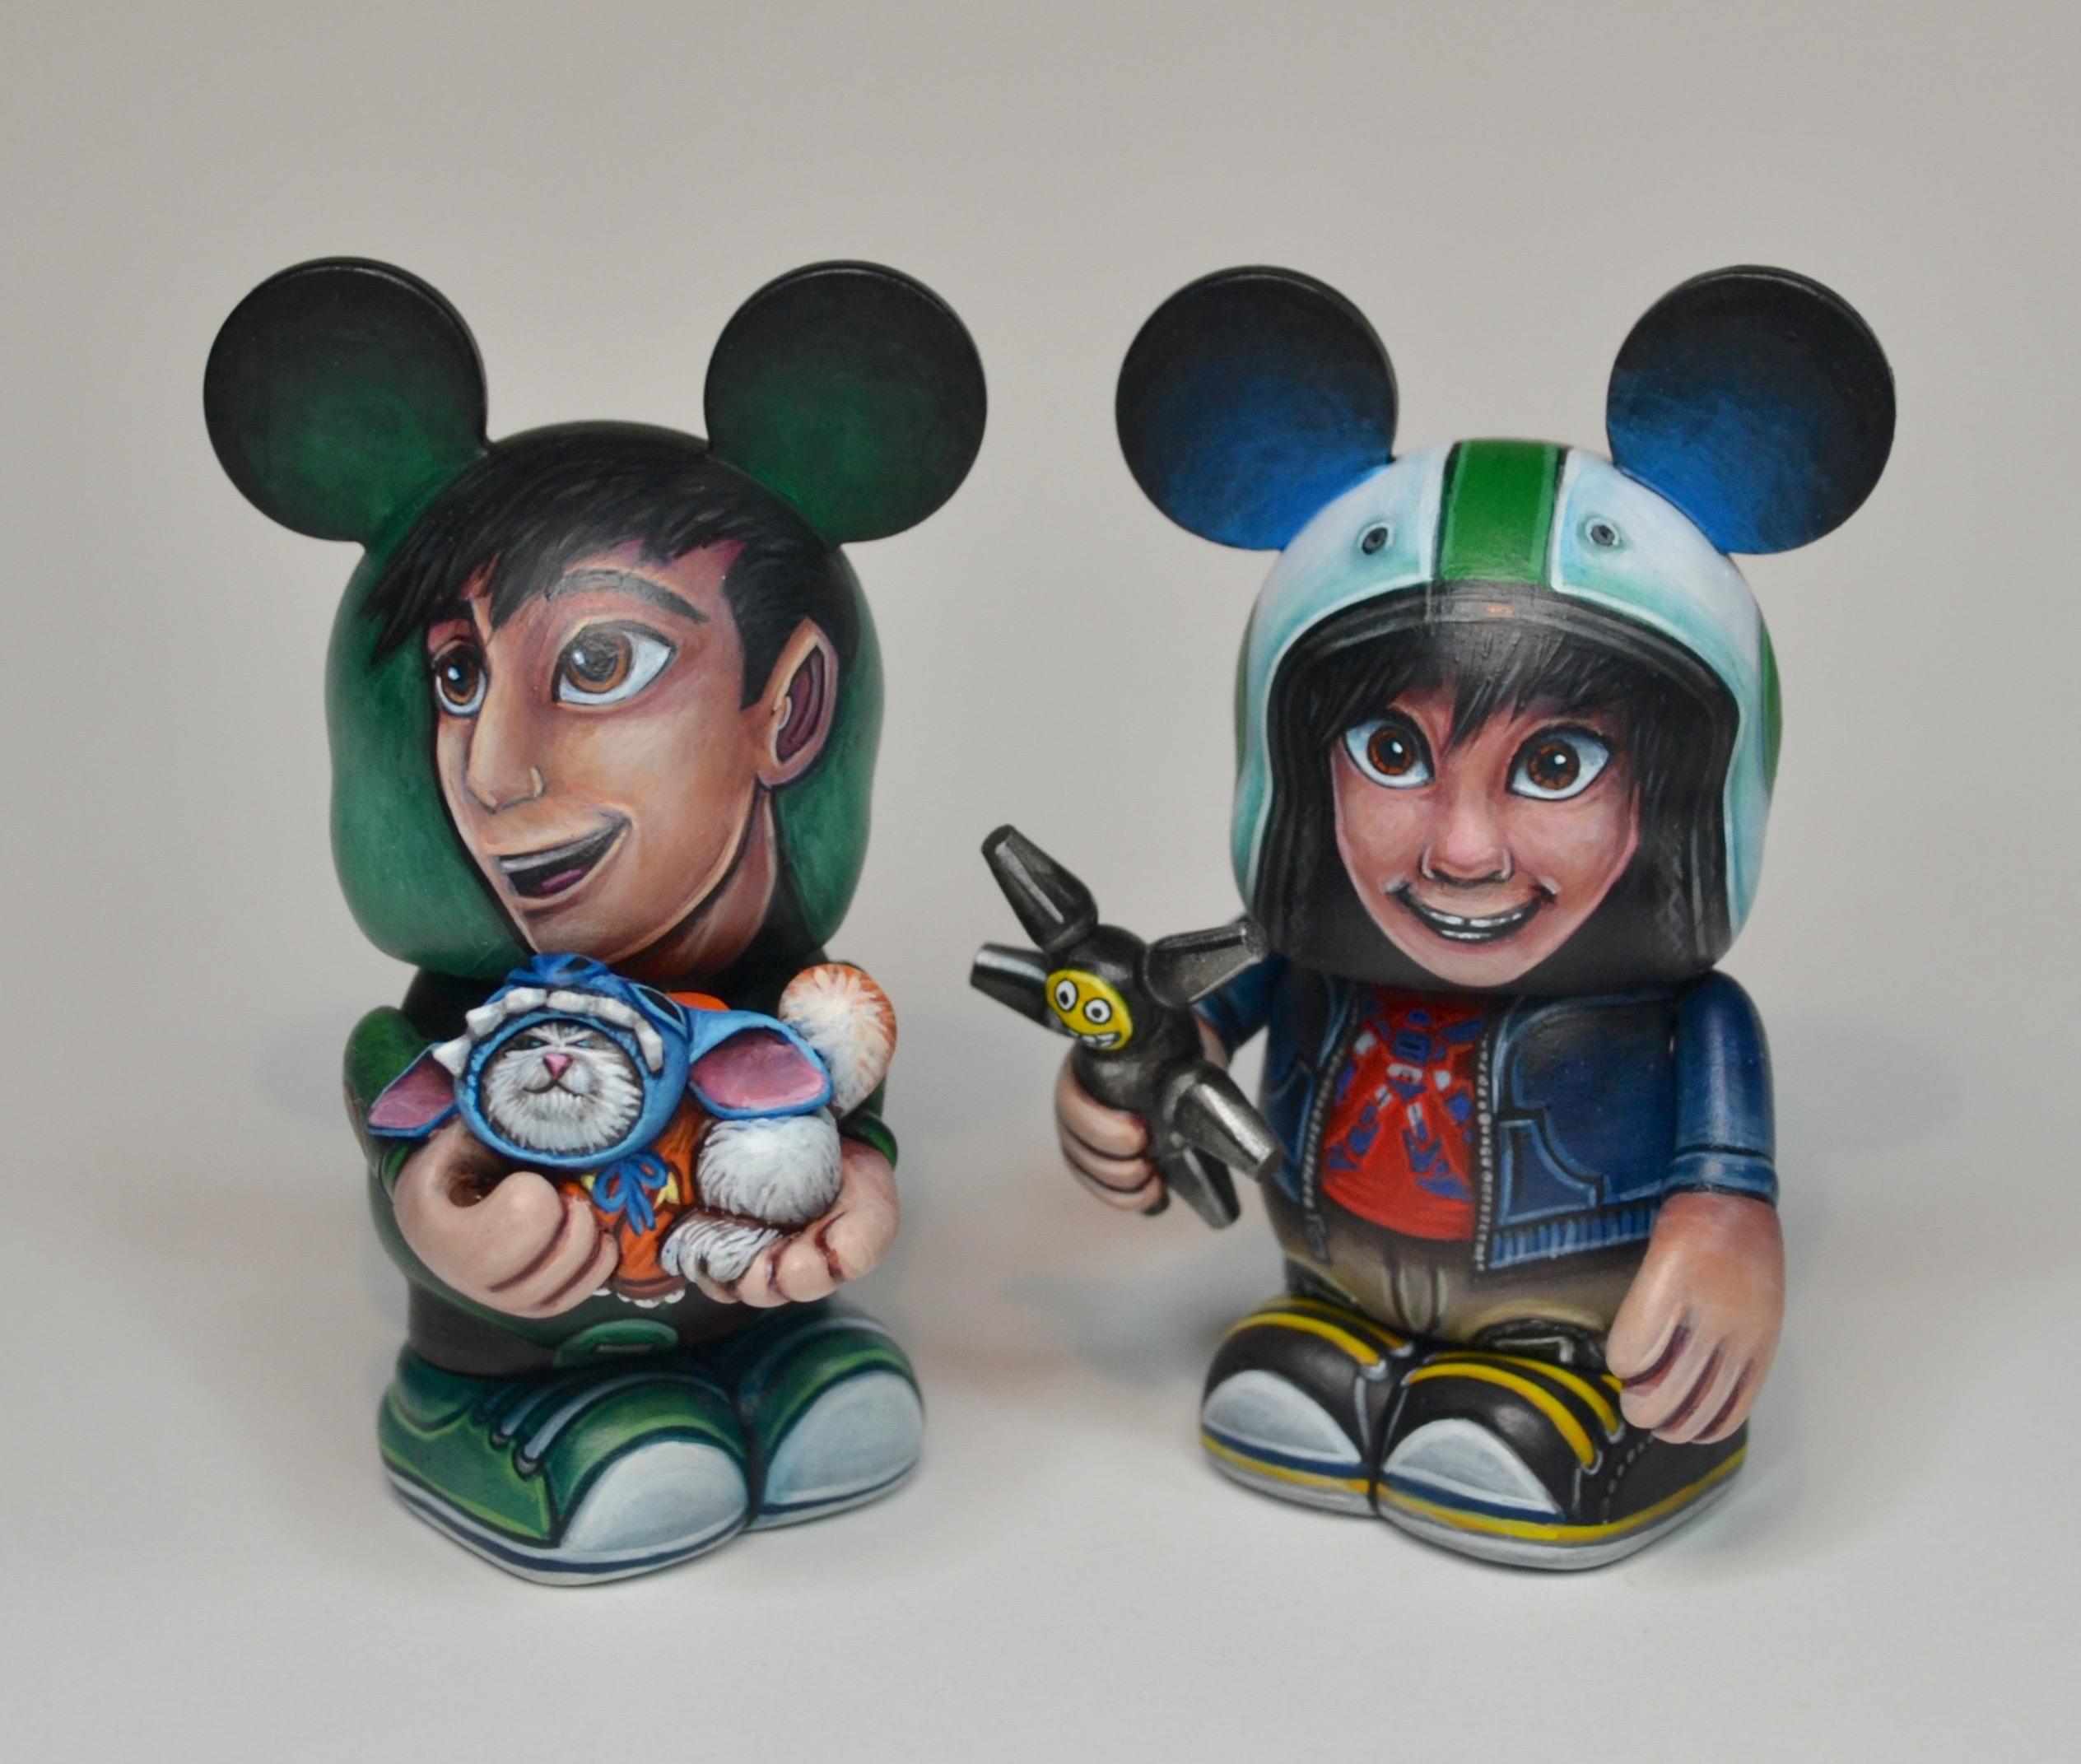 Hiro & Tadashi